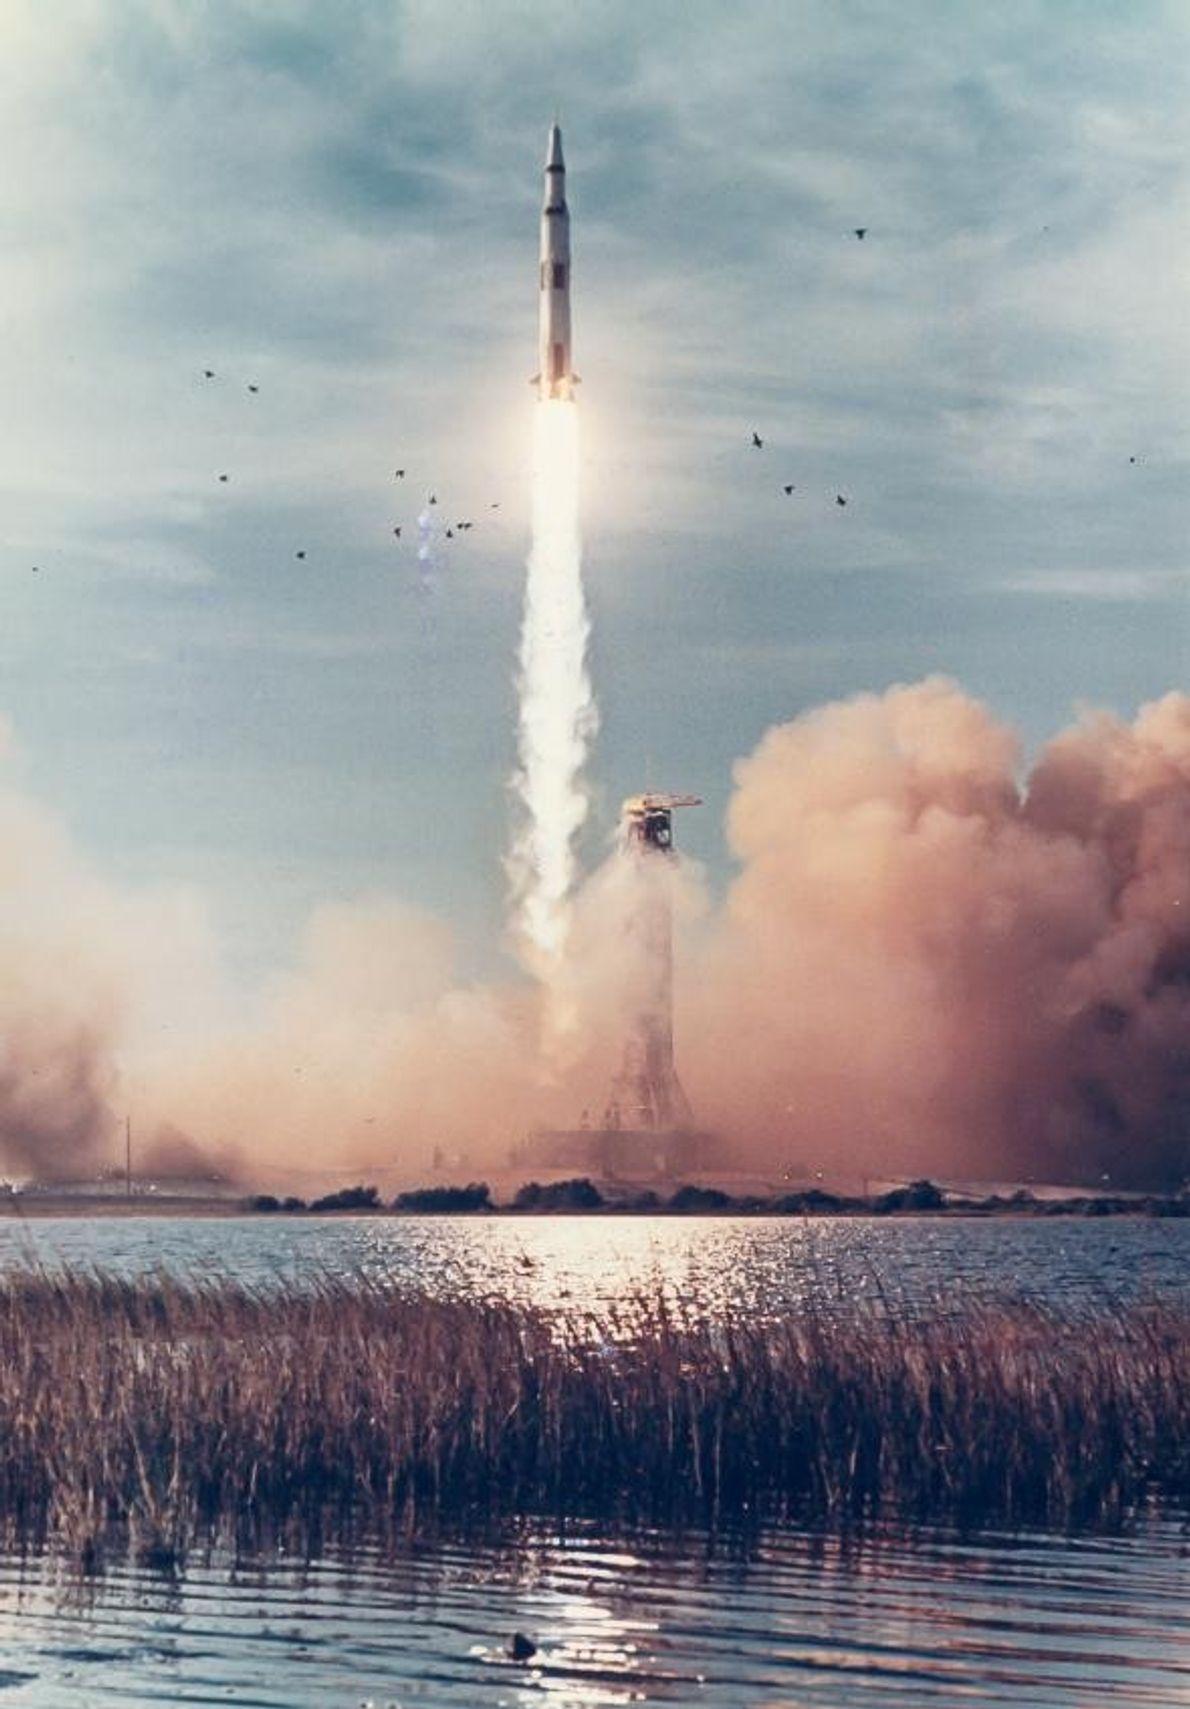 En 1968, Apollo 8 décolle du Cap Canaveral, appelé à l'époque Cap Kennedy, situé en Floride. ...